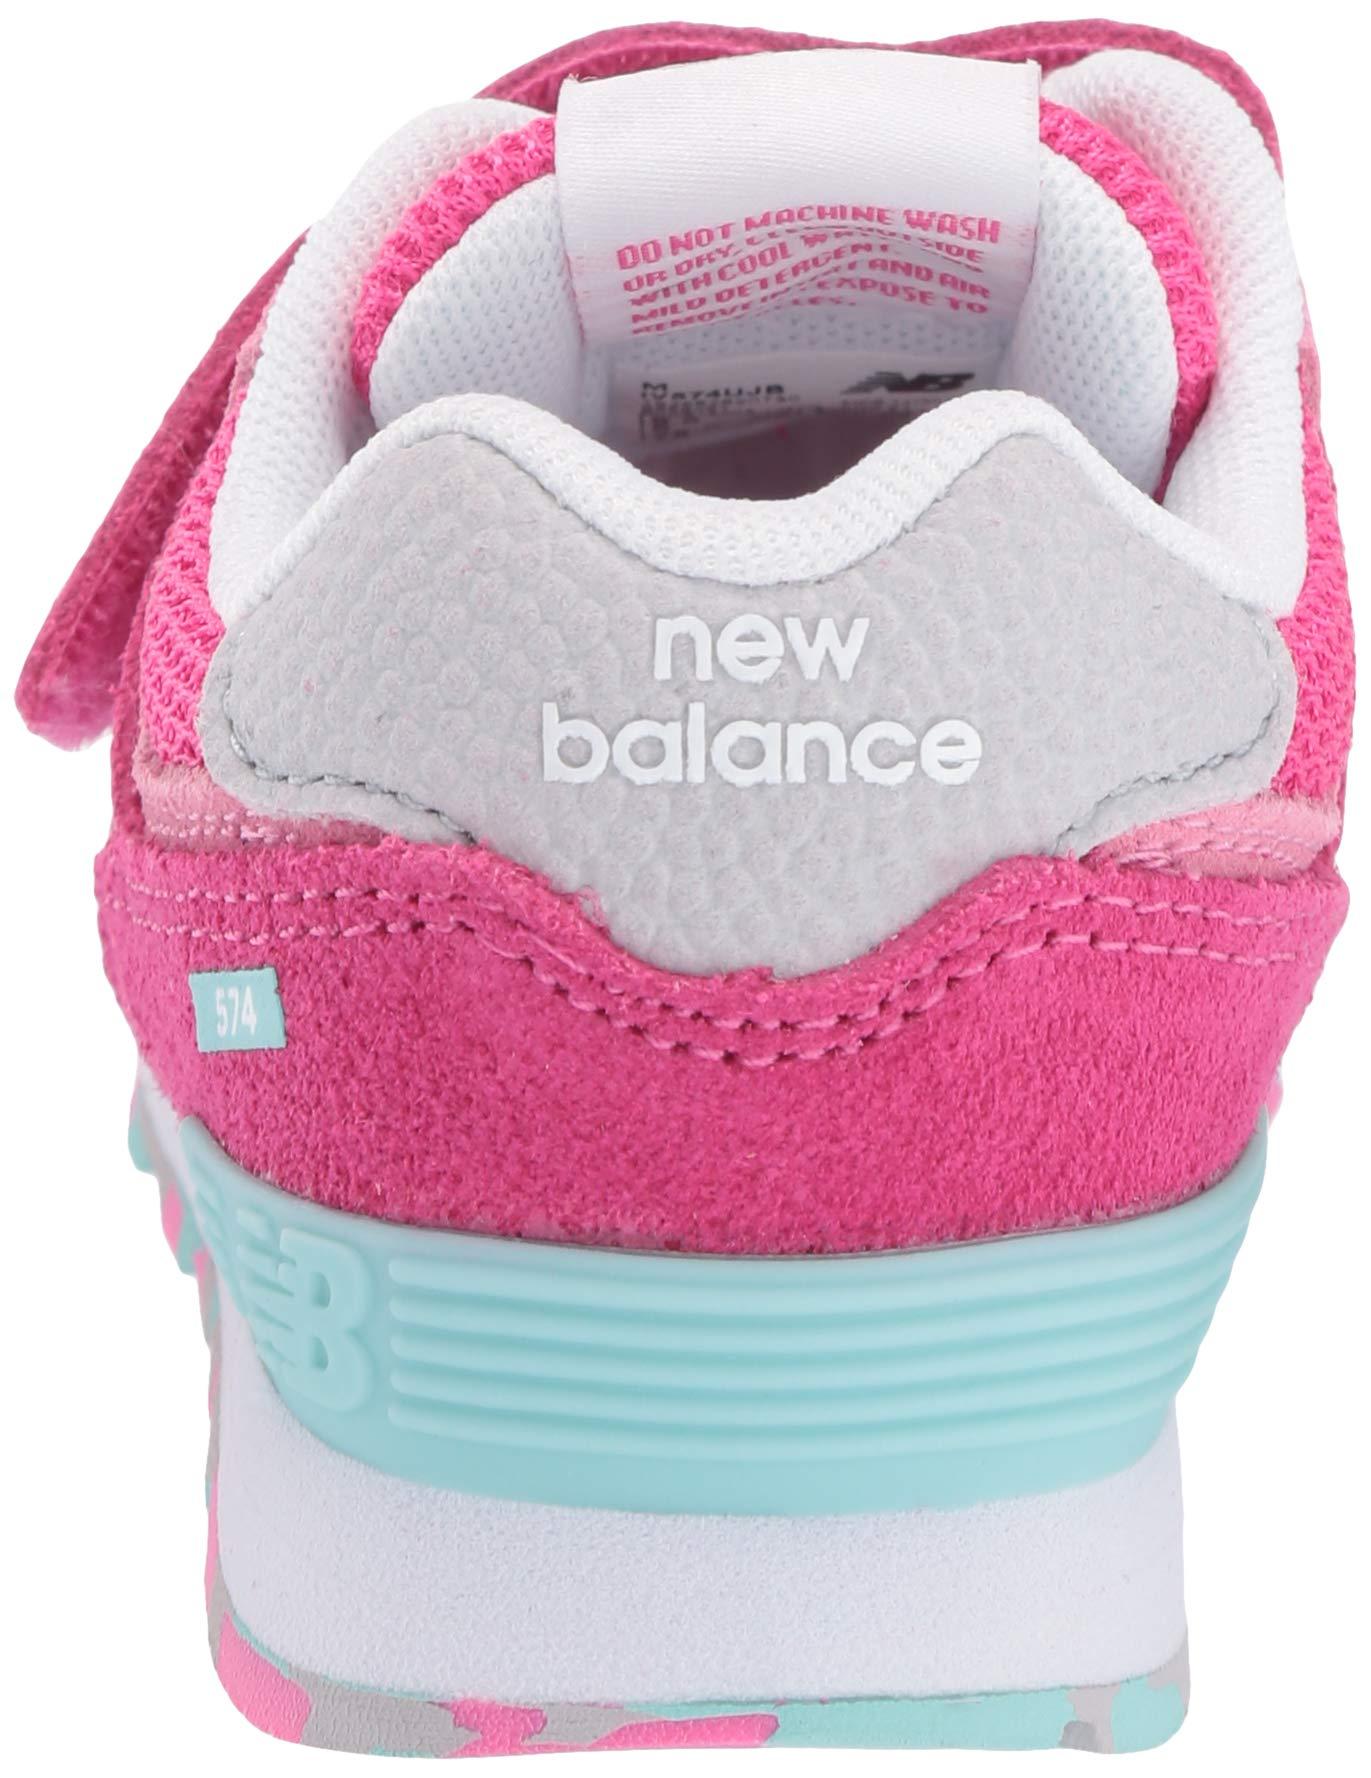 e9c3a70ede New Balance 574, Sneaker Unisex – Bambini - Face Shop